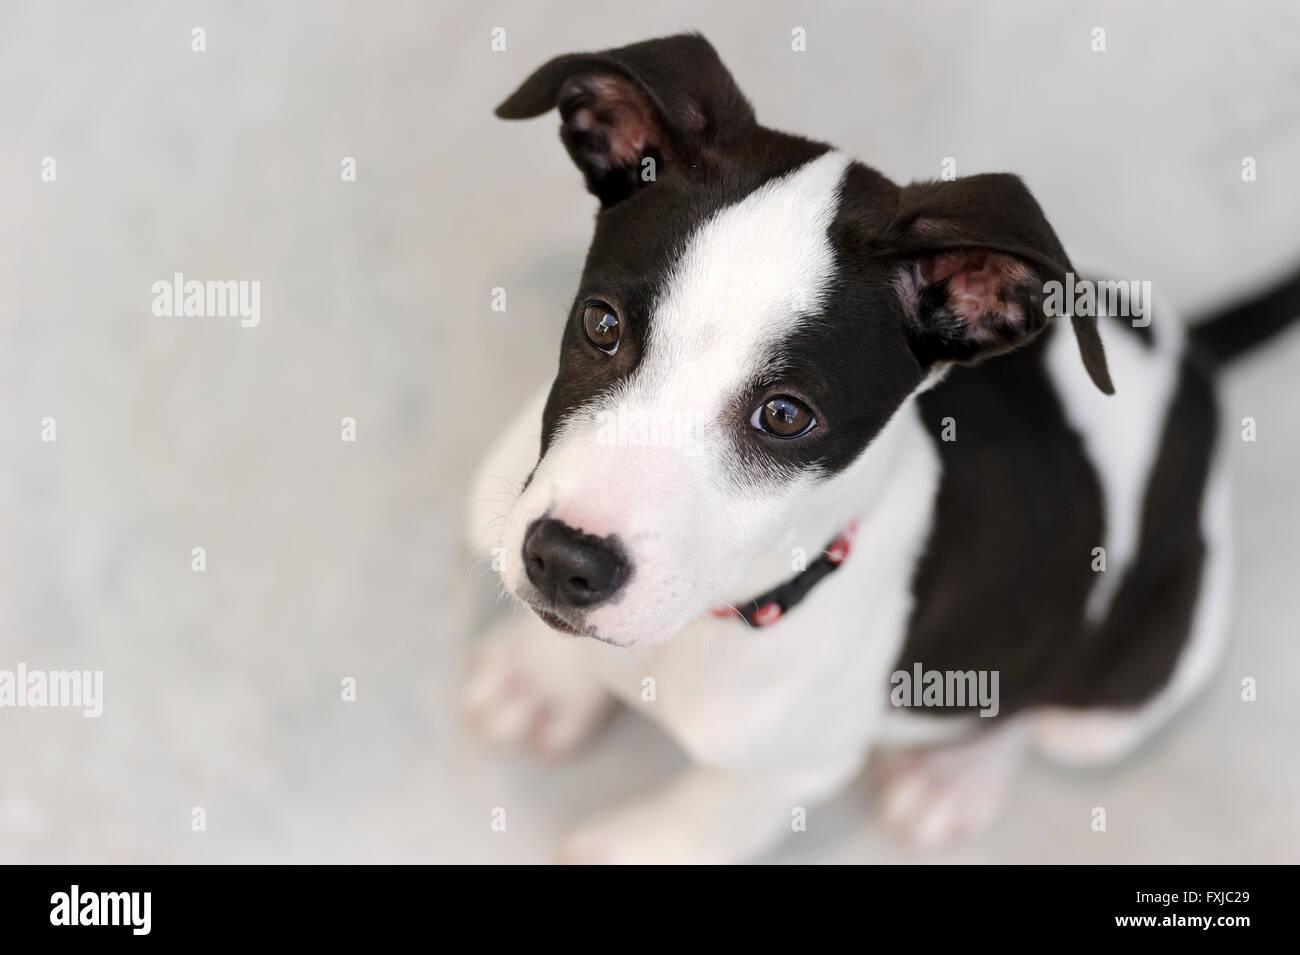 Curieux chien est à la recherche jusqu'à l'émerveillement dans ses beaux yeux magnétiques. Photo Stock